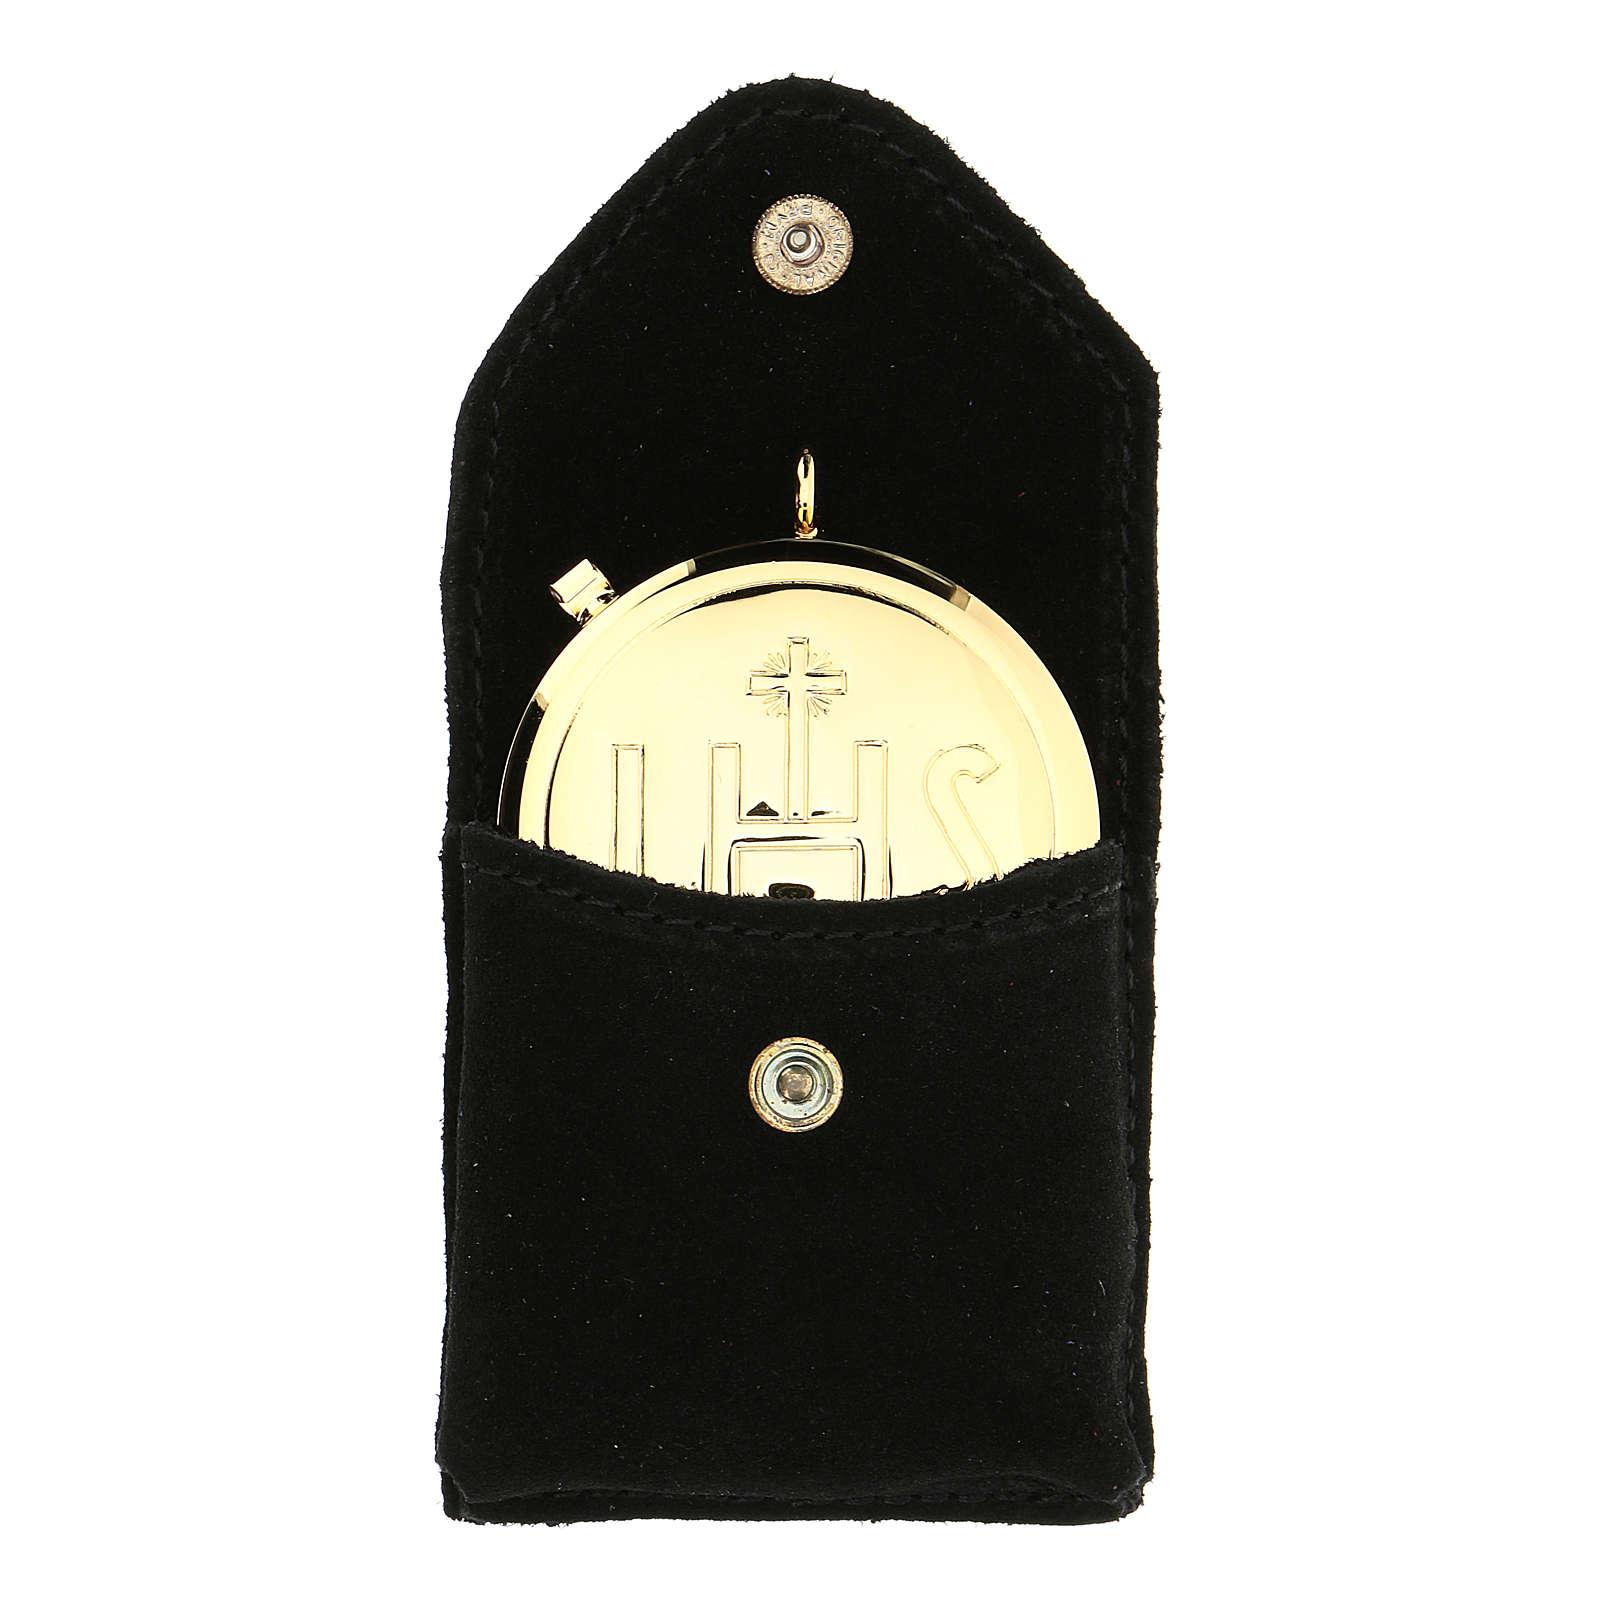 Astuccino portateca camoscio nero bottone automatico teca dorata 3